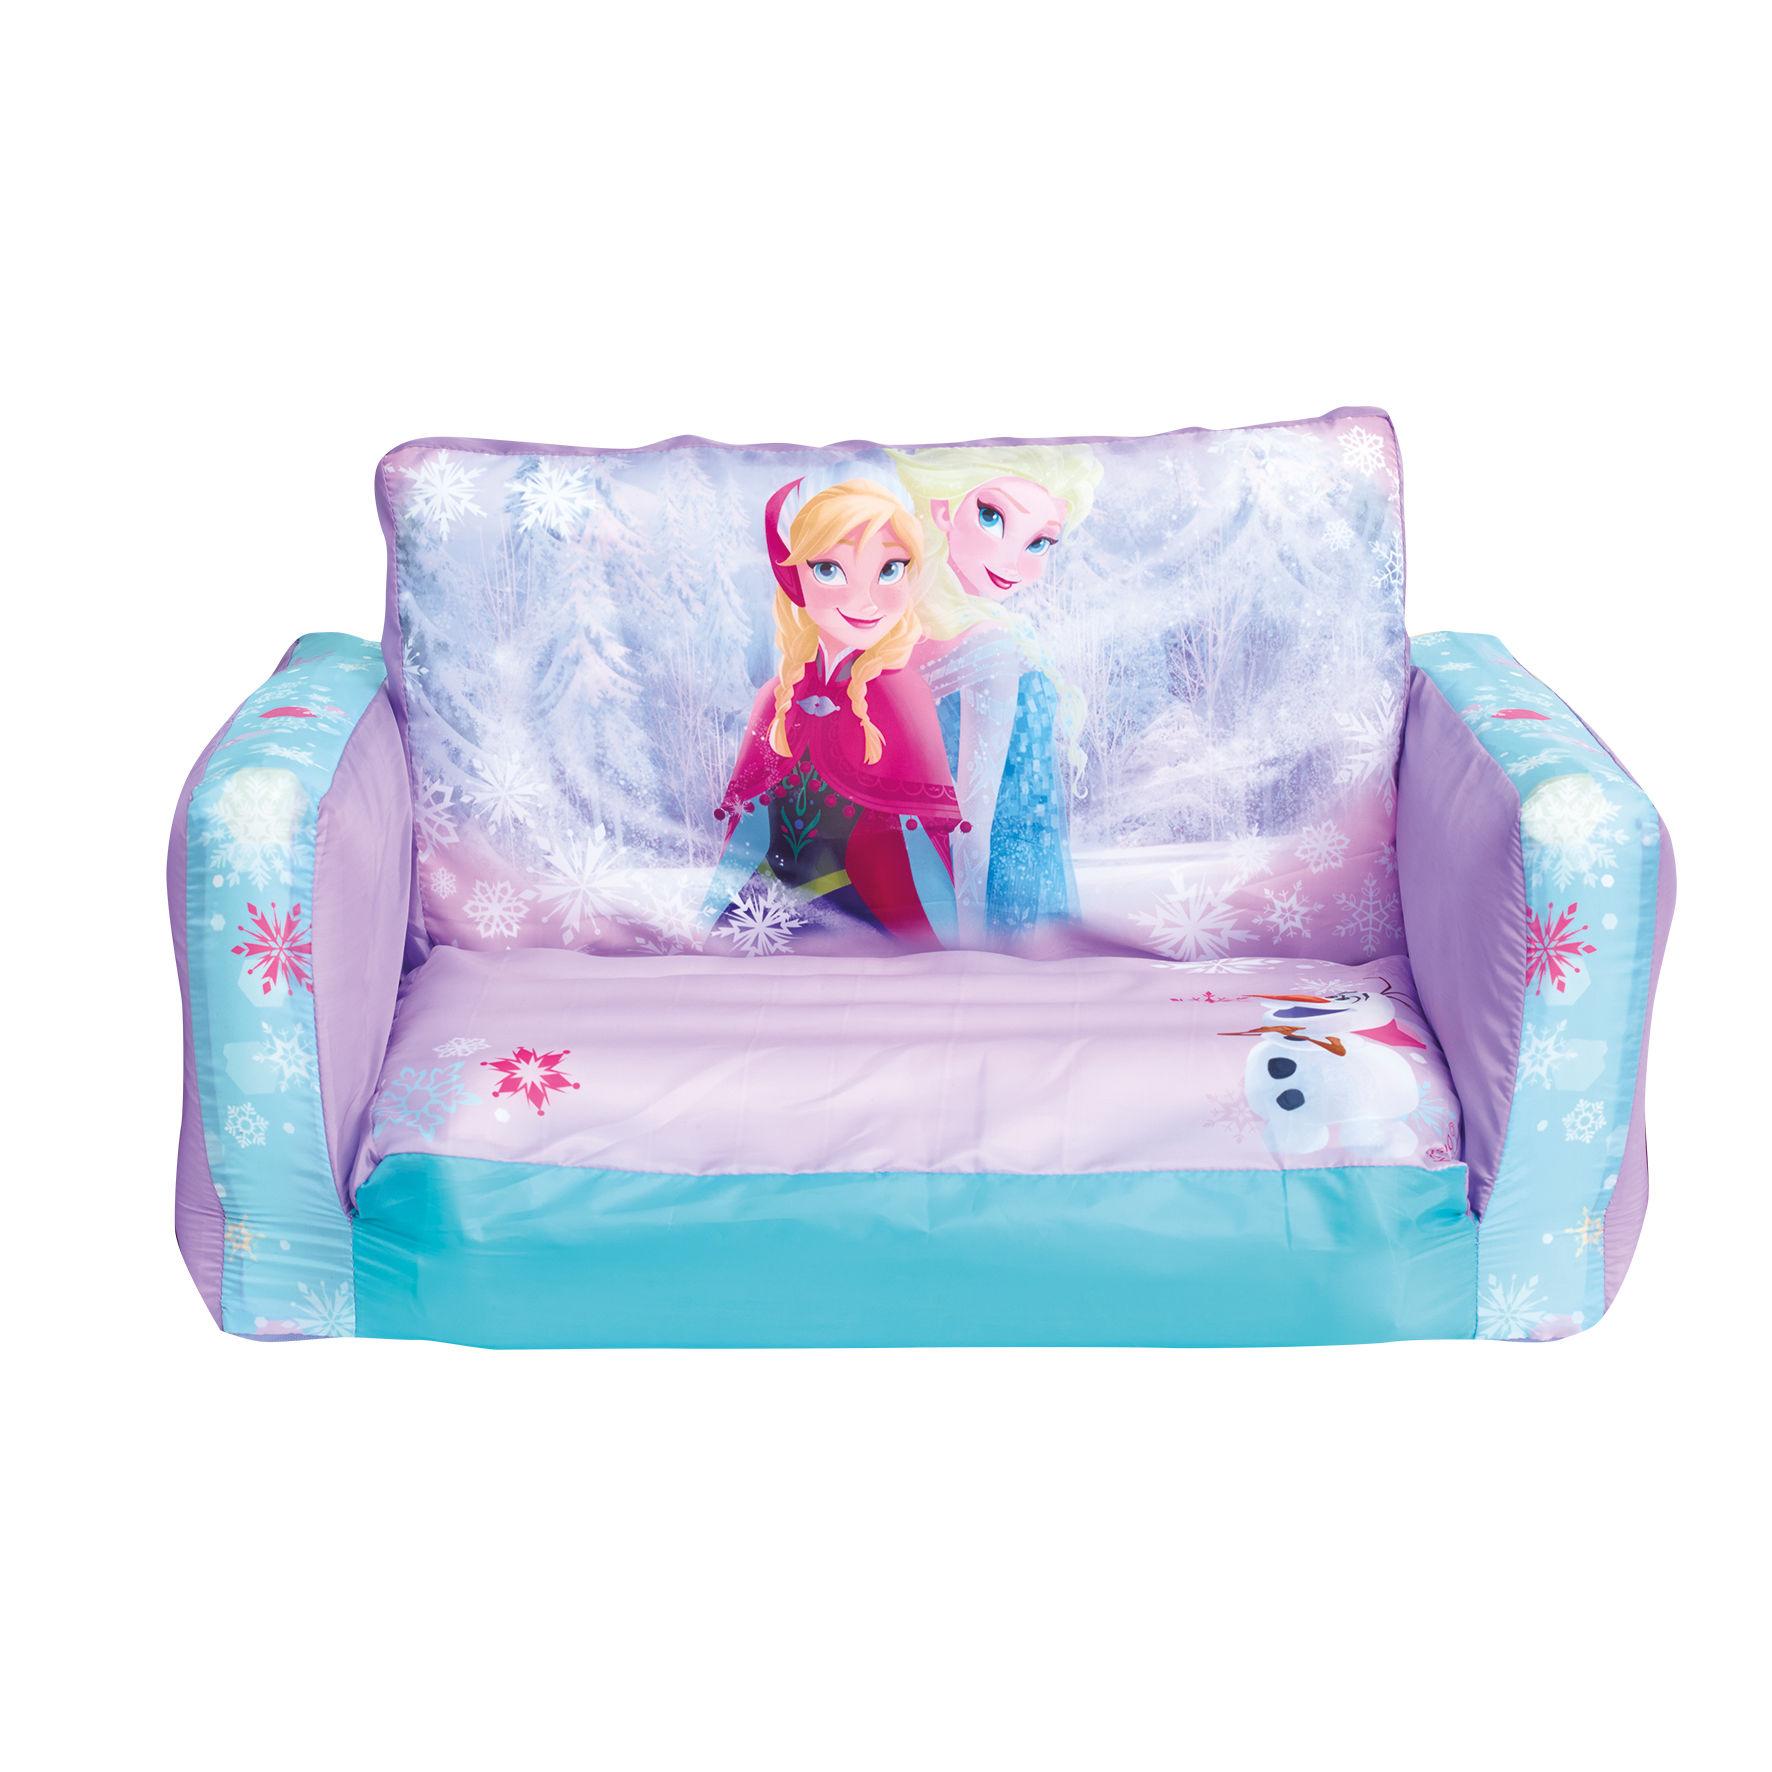 Disney eisk nigin frozen aufblasbares kindersofa couch for Jugendzimmer couch bett